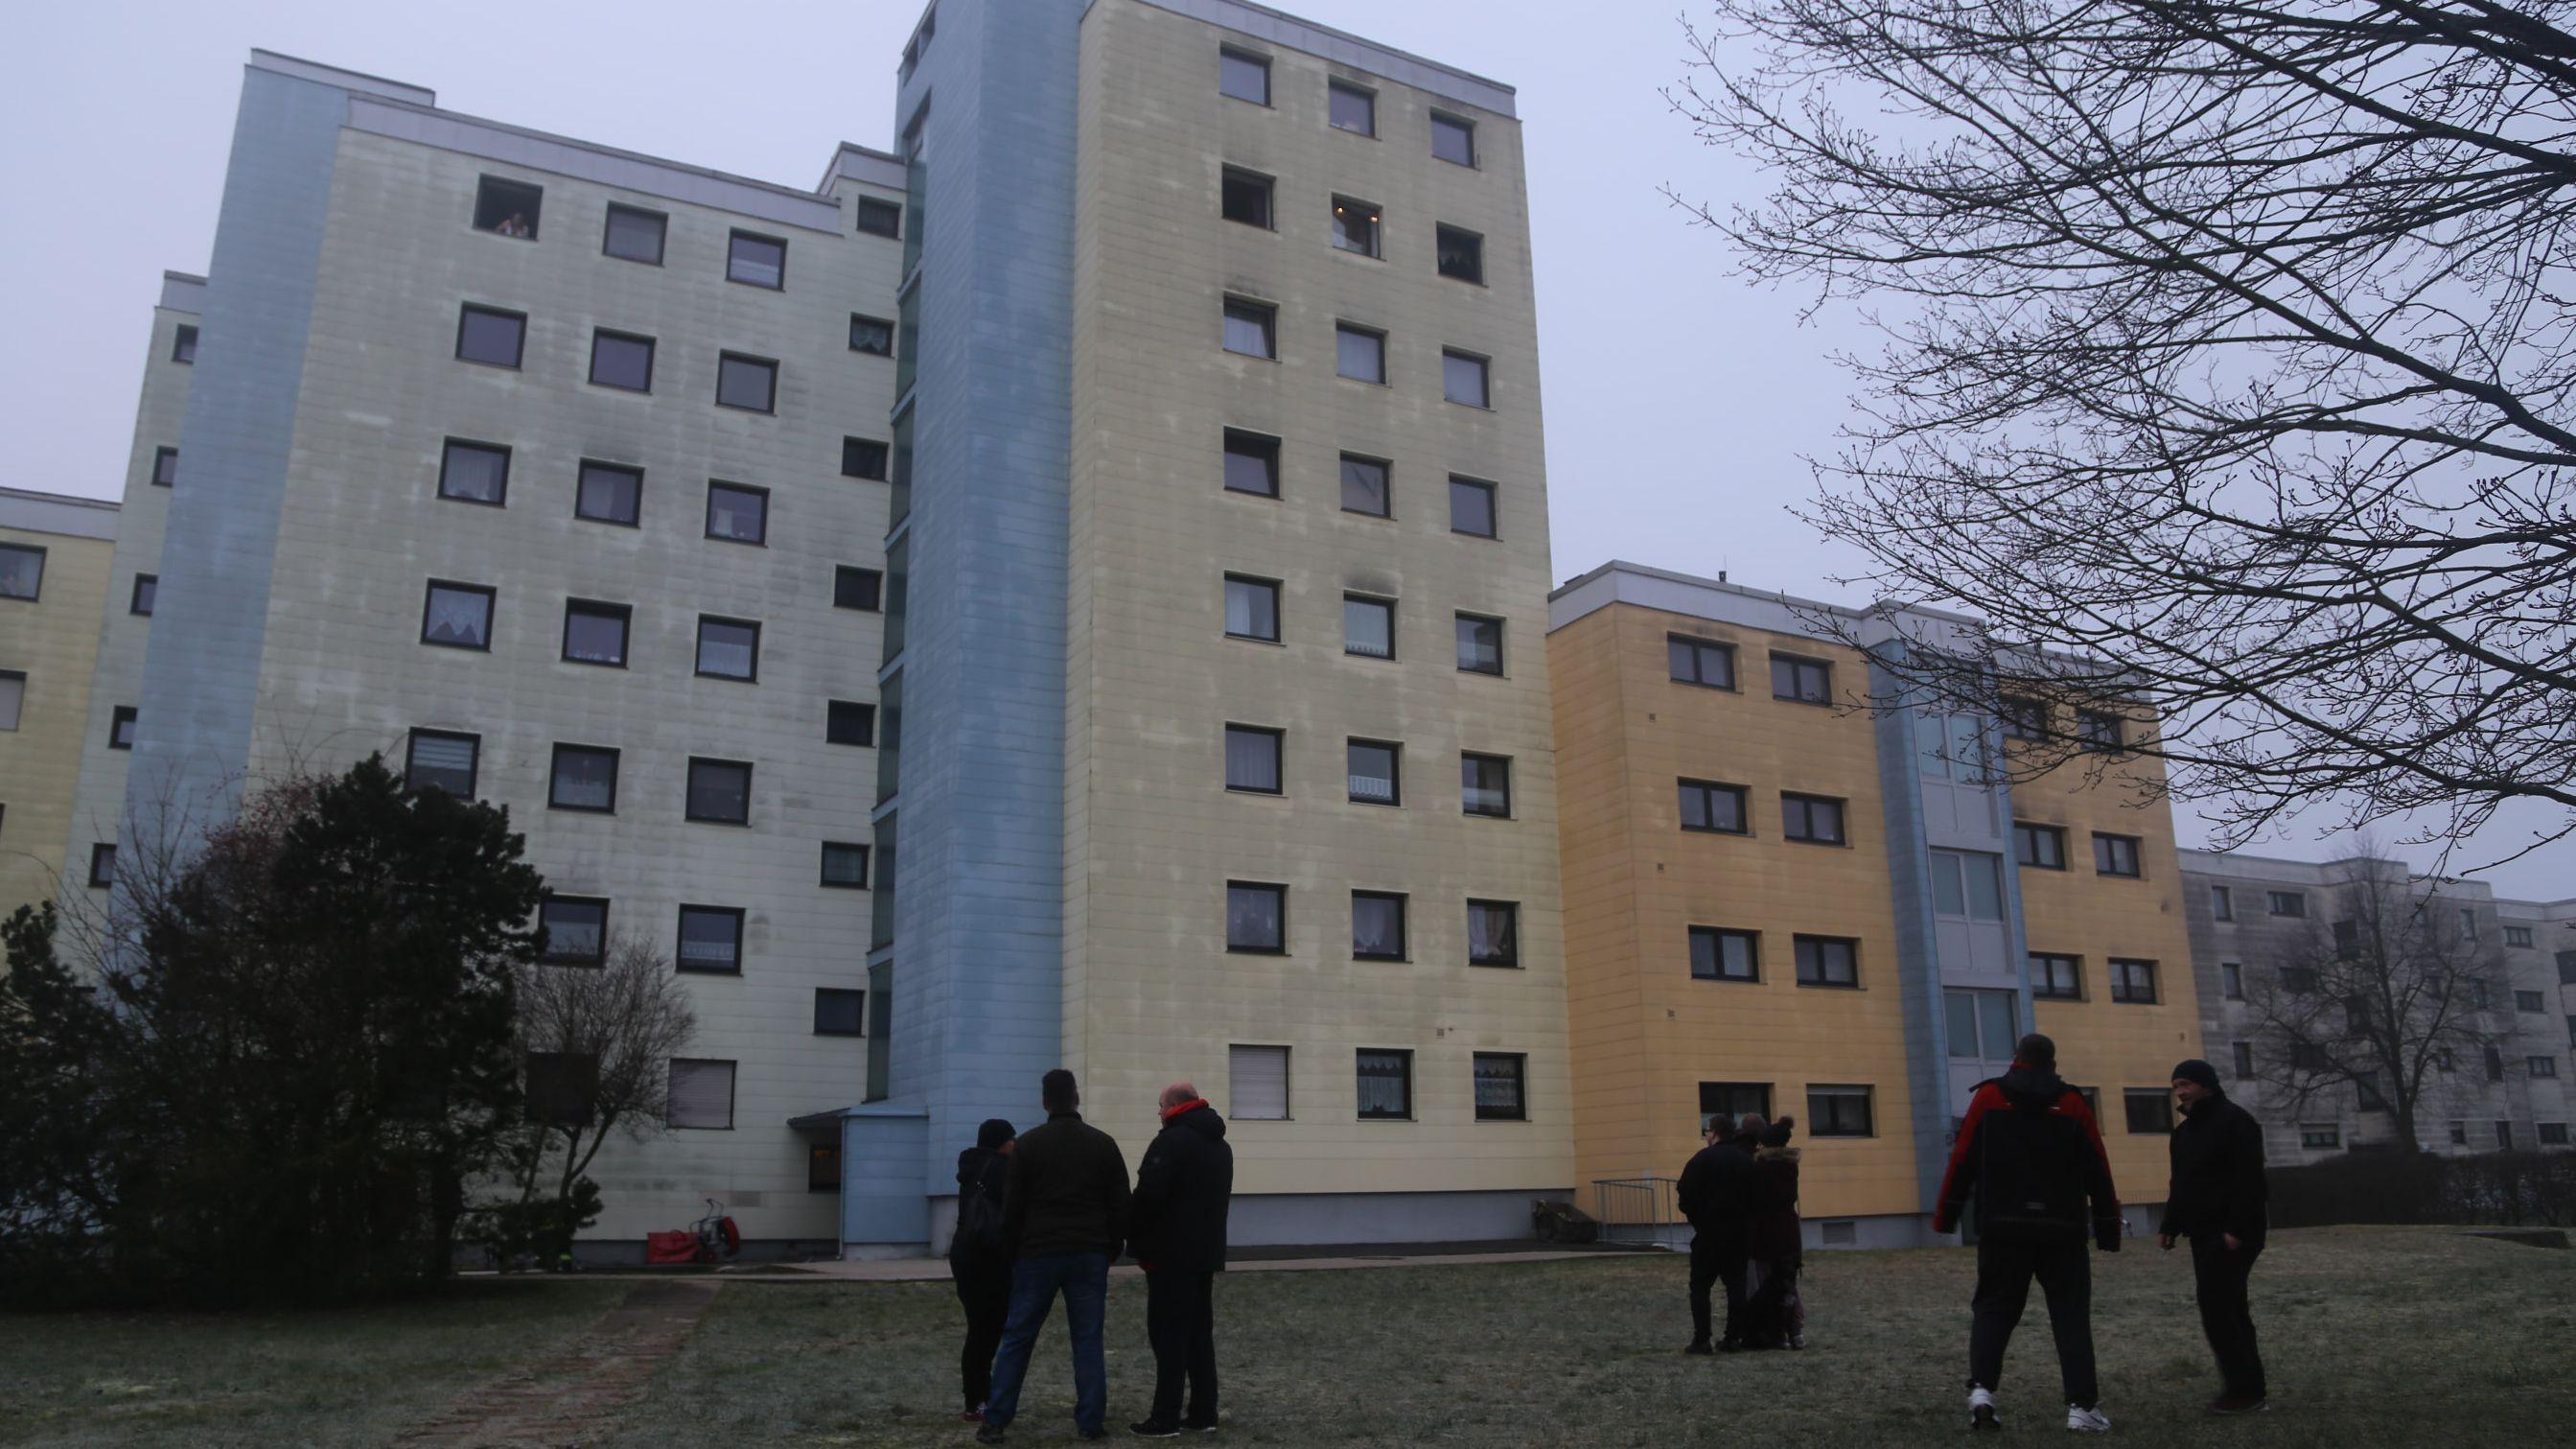 Bewohner haben vorsorglich das Haus verlassen. Sie konnten zurück, nachdem die Feuerwehr das Treppenhaus belüftet hat.